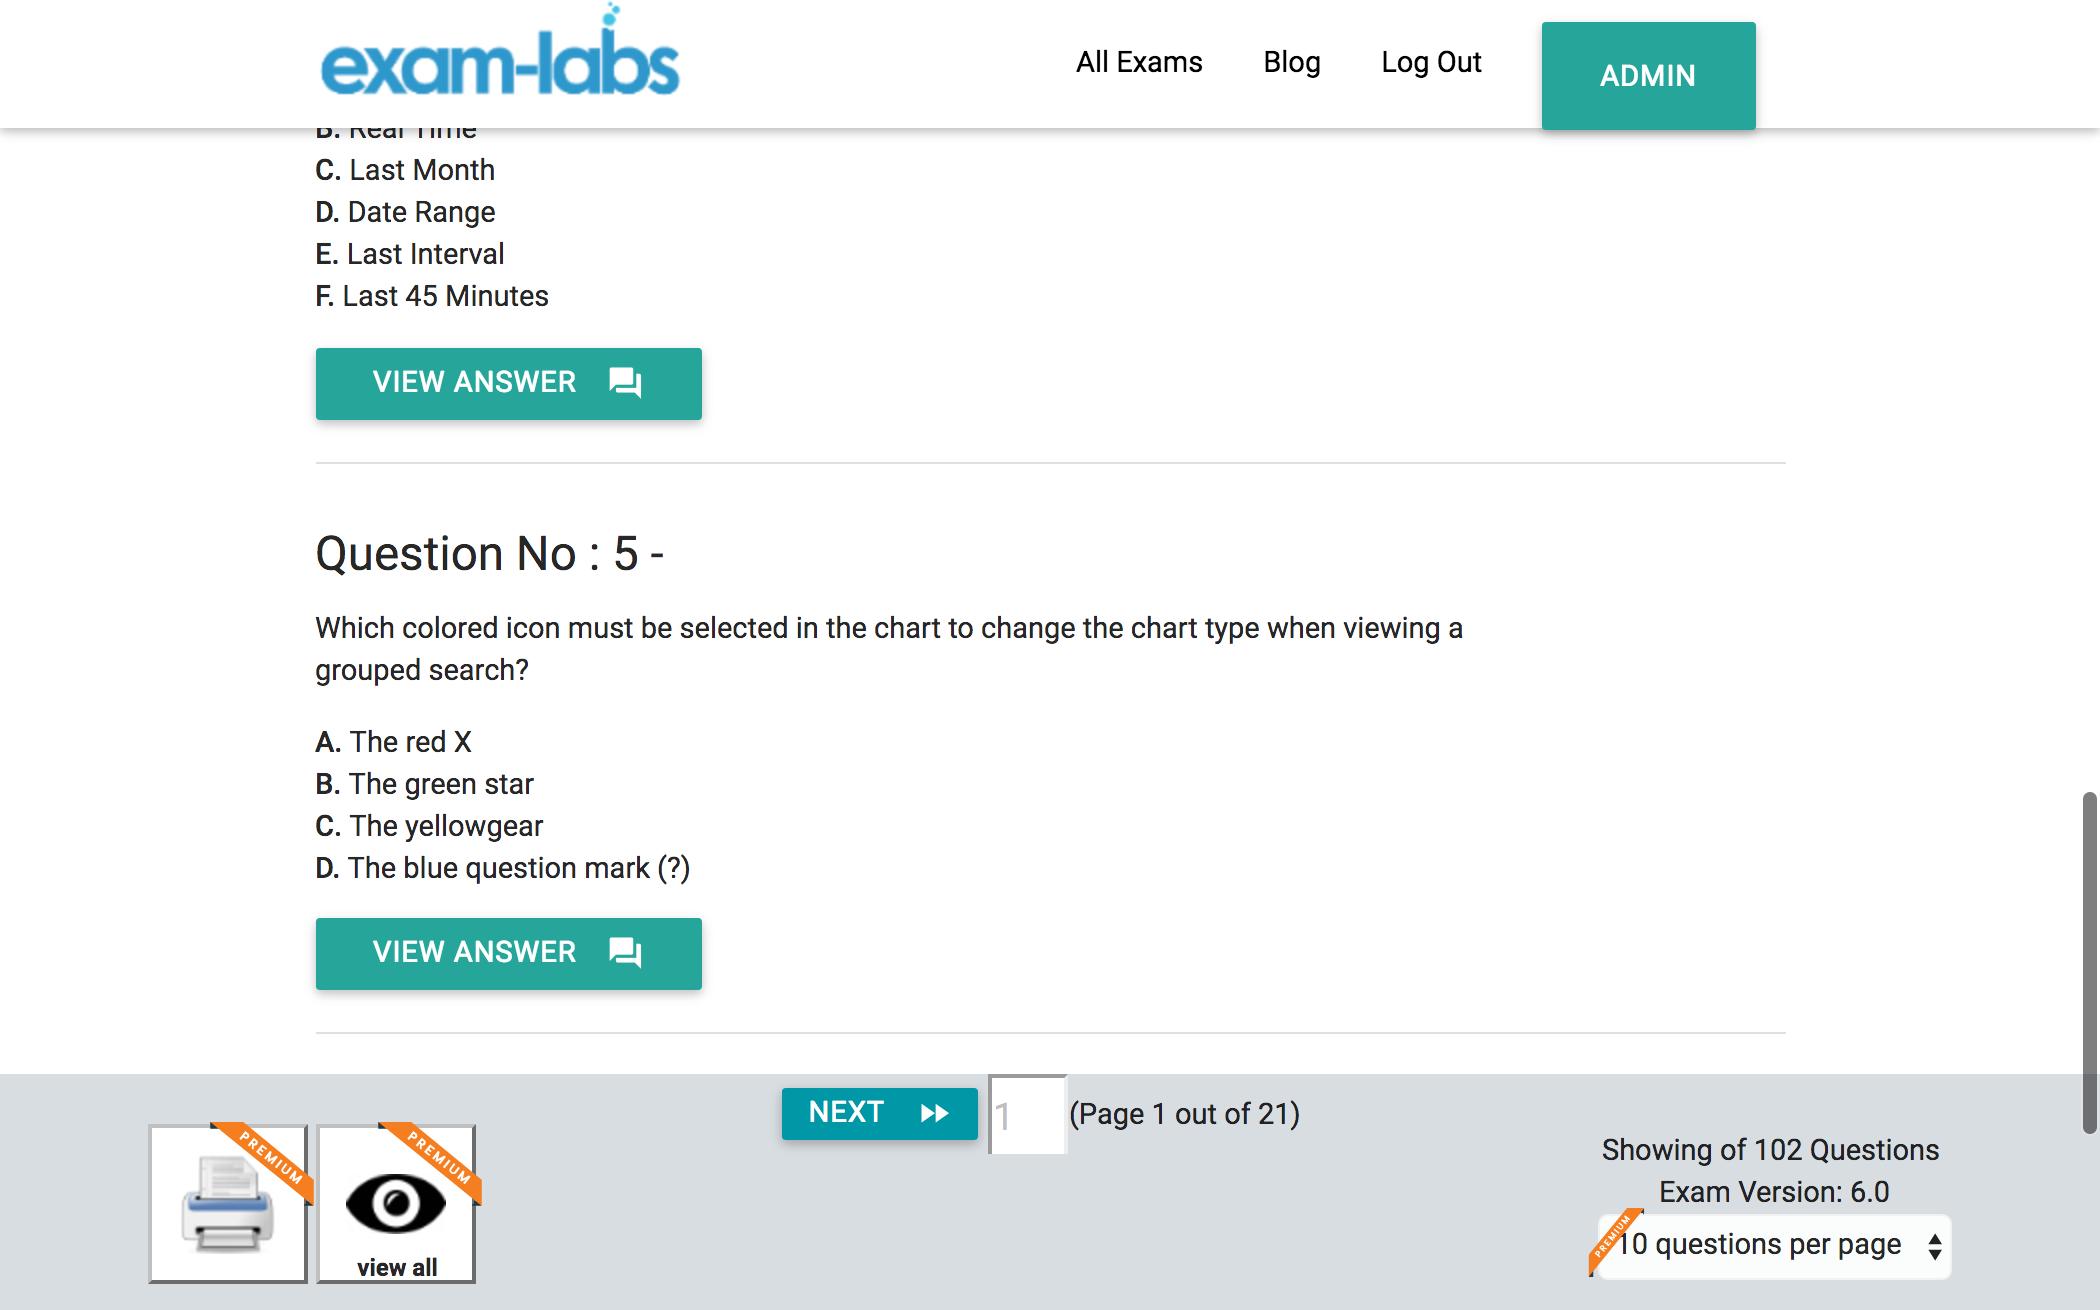 C2150-195 - IBM Practice Exam Questions - 100% Free   Exam-Labs